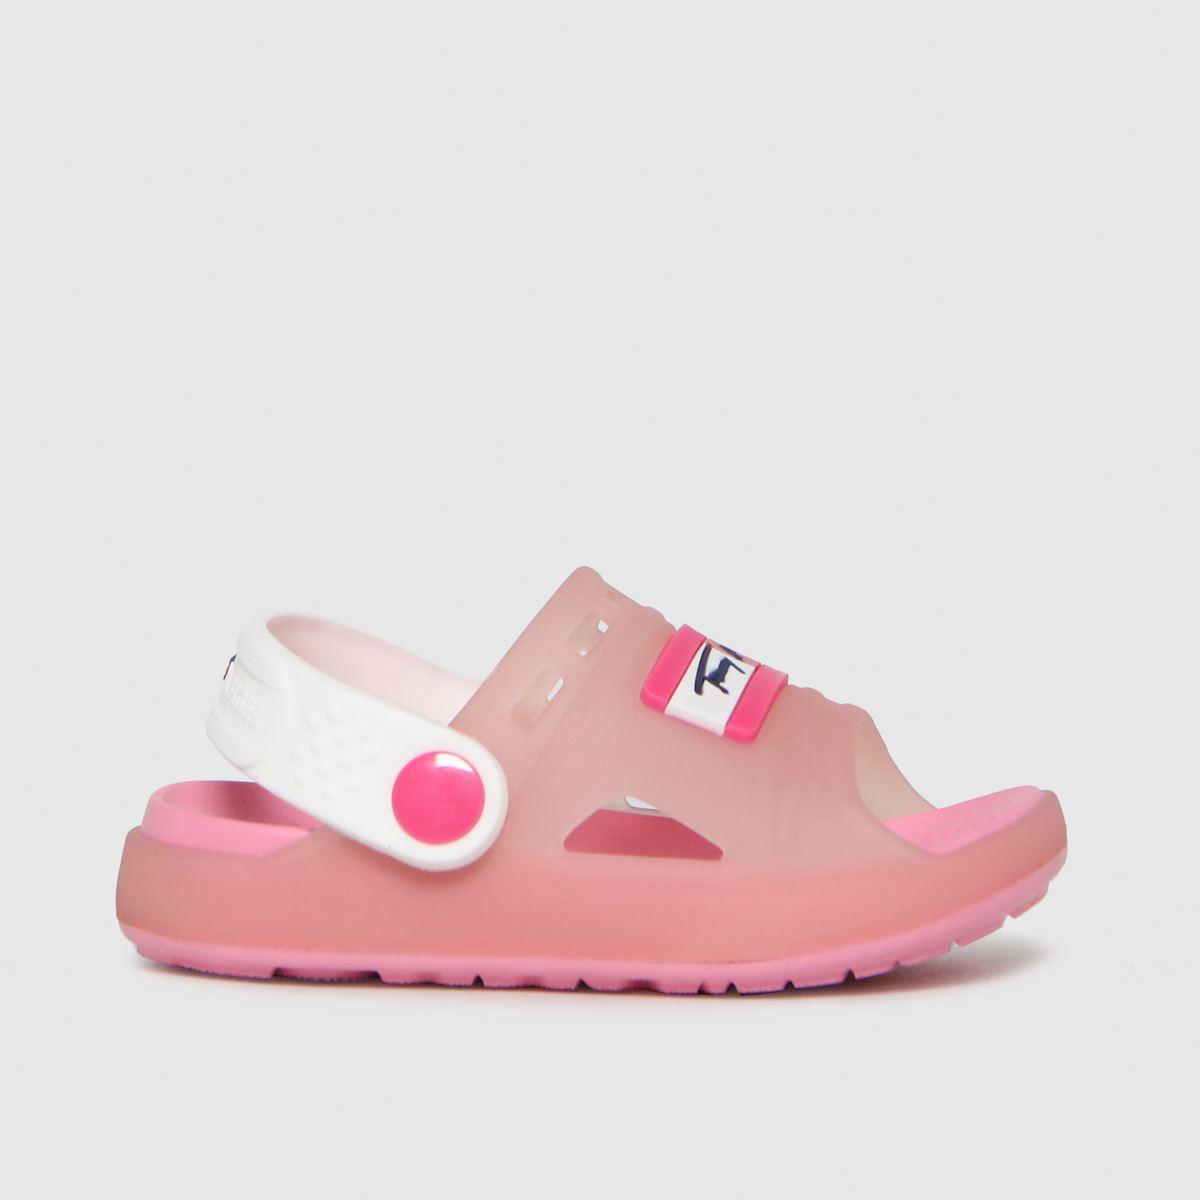 Tommy Hilfiger Pale Pink Comfy Sandal Sandals Toddler